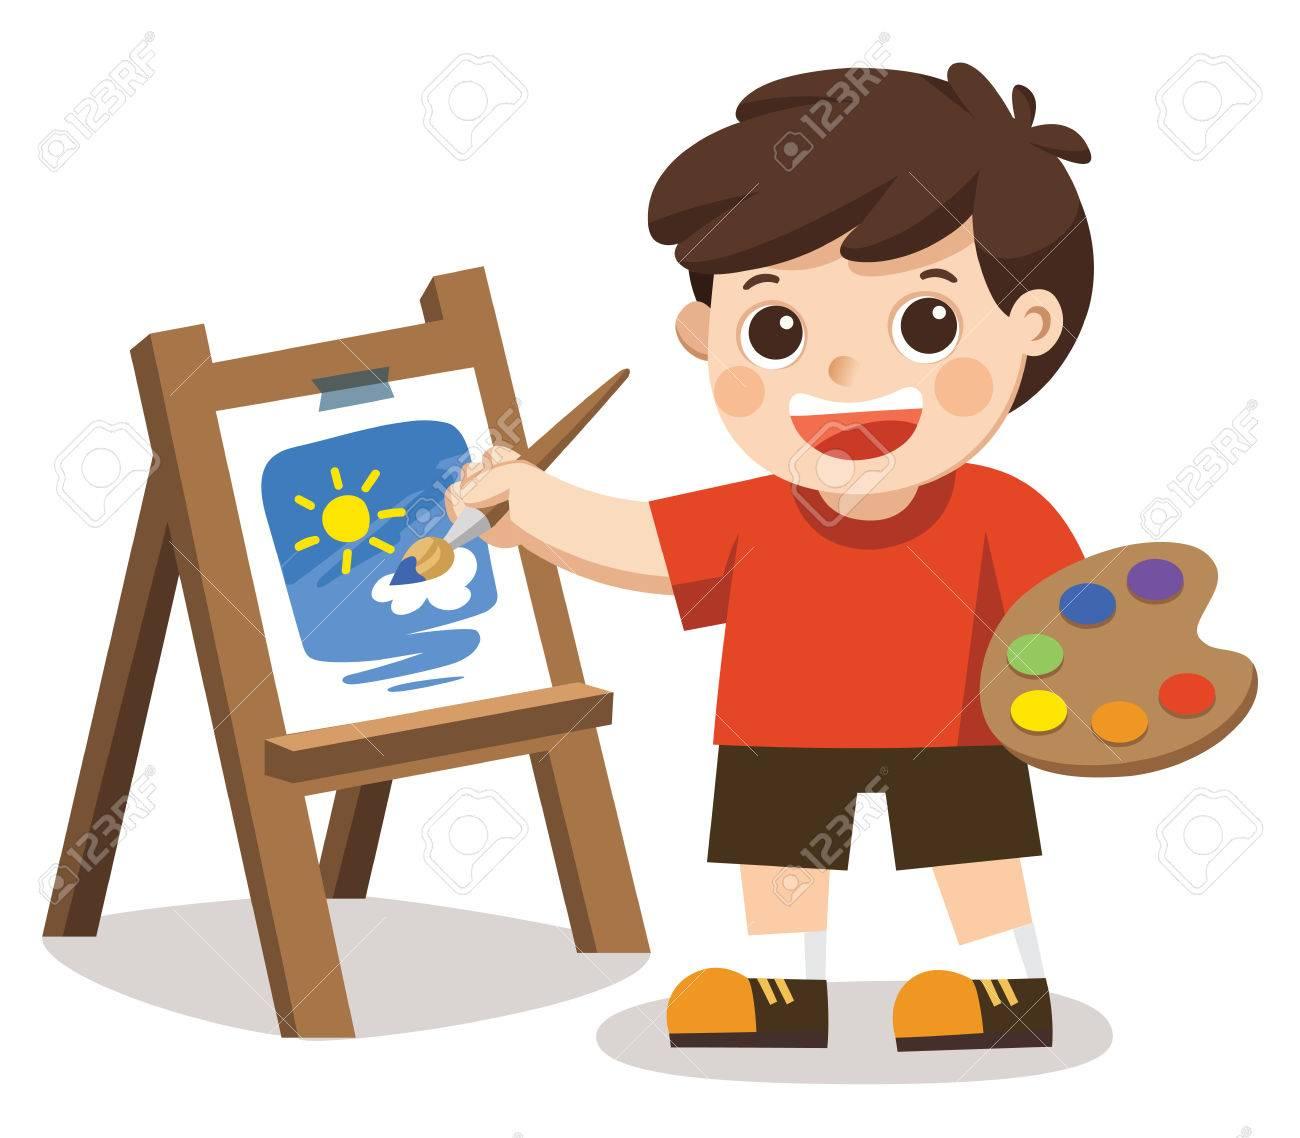 Garcon Mignon Artiste Peinture Fleur Sur Toile Vecteur Isole Clip Art Libres De Droits Vecteurs Et Illustration Image 84405851